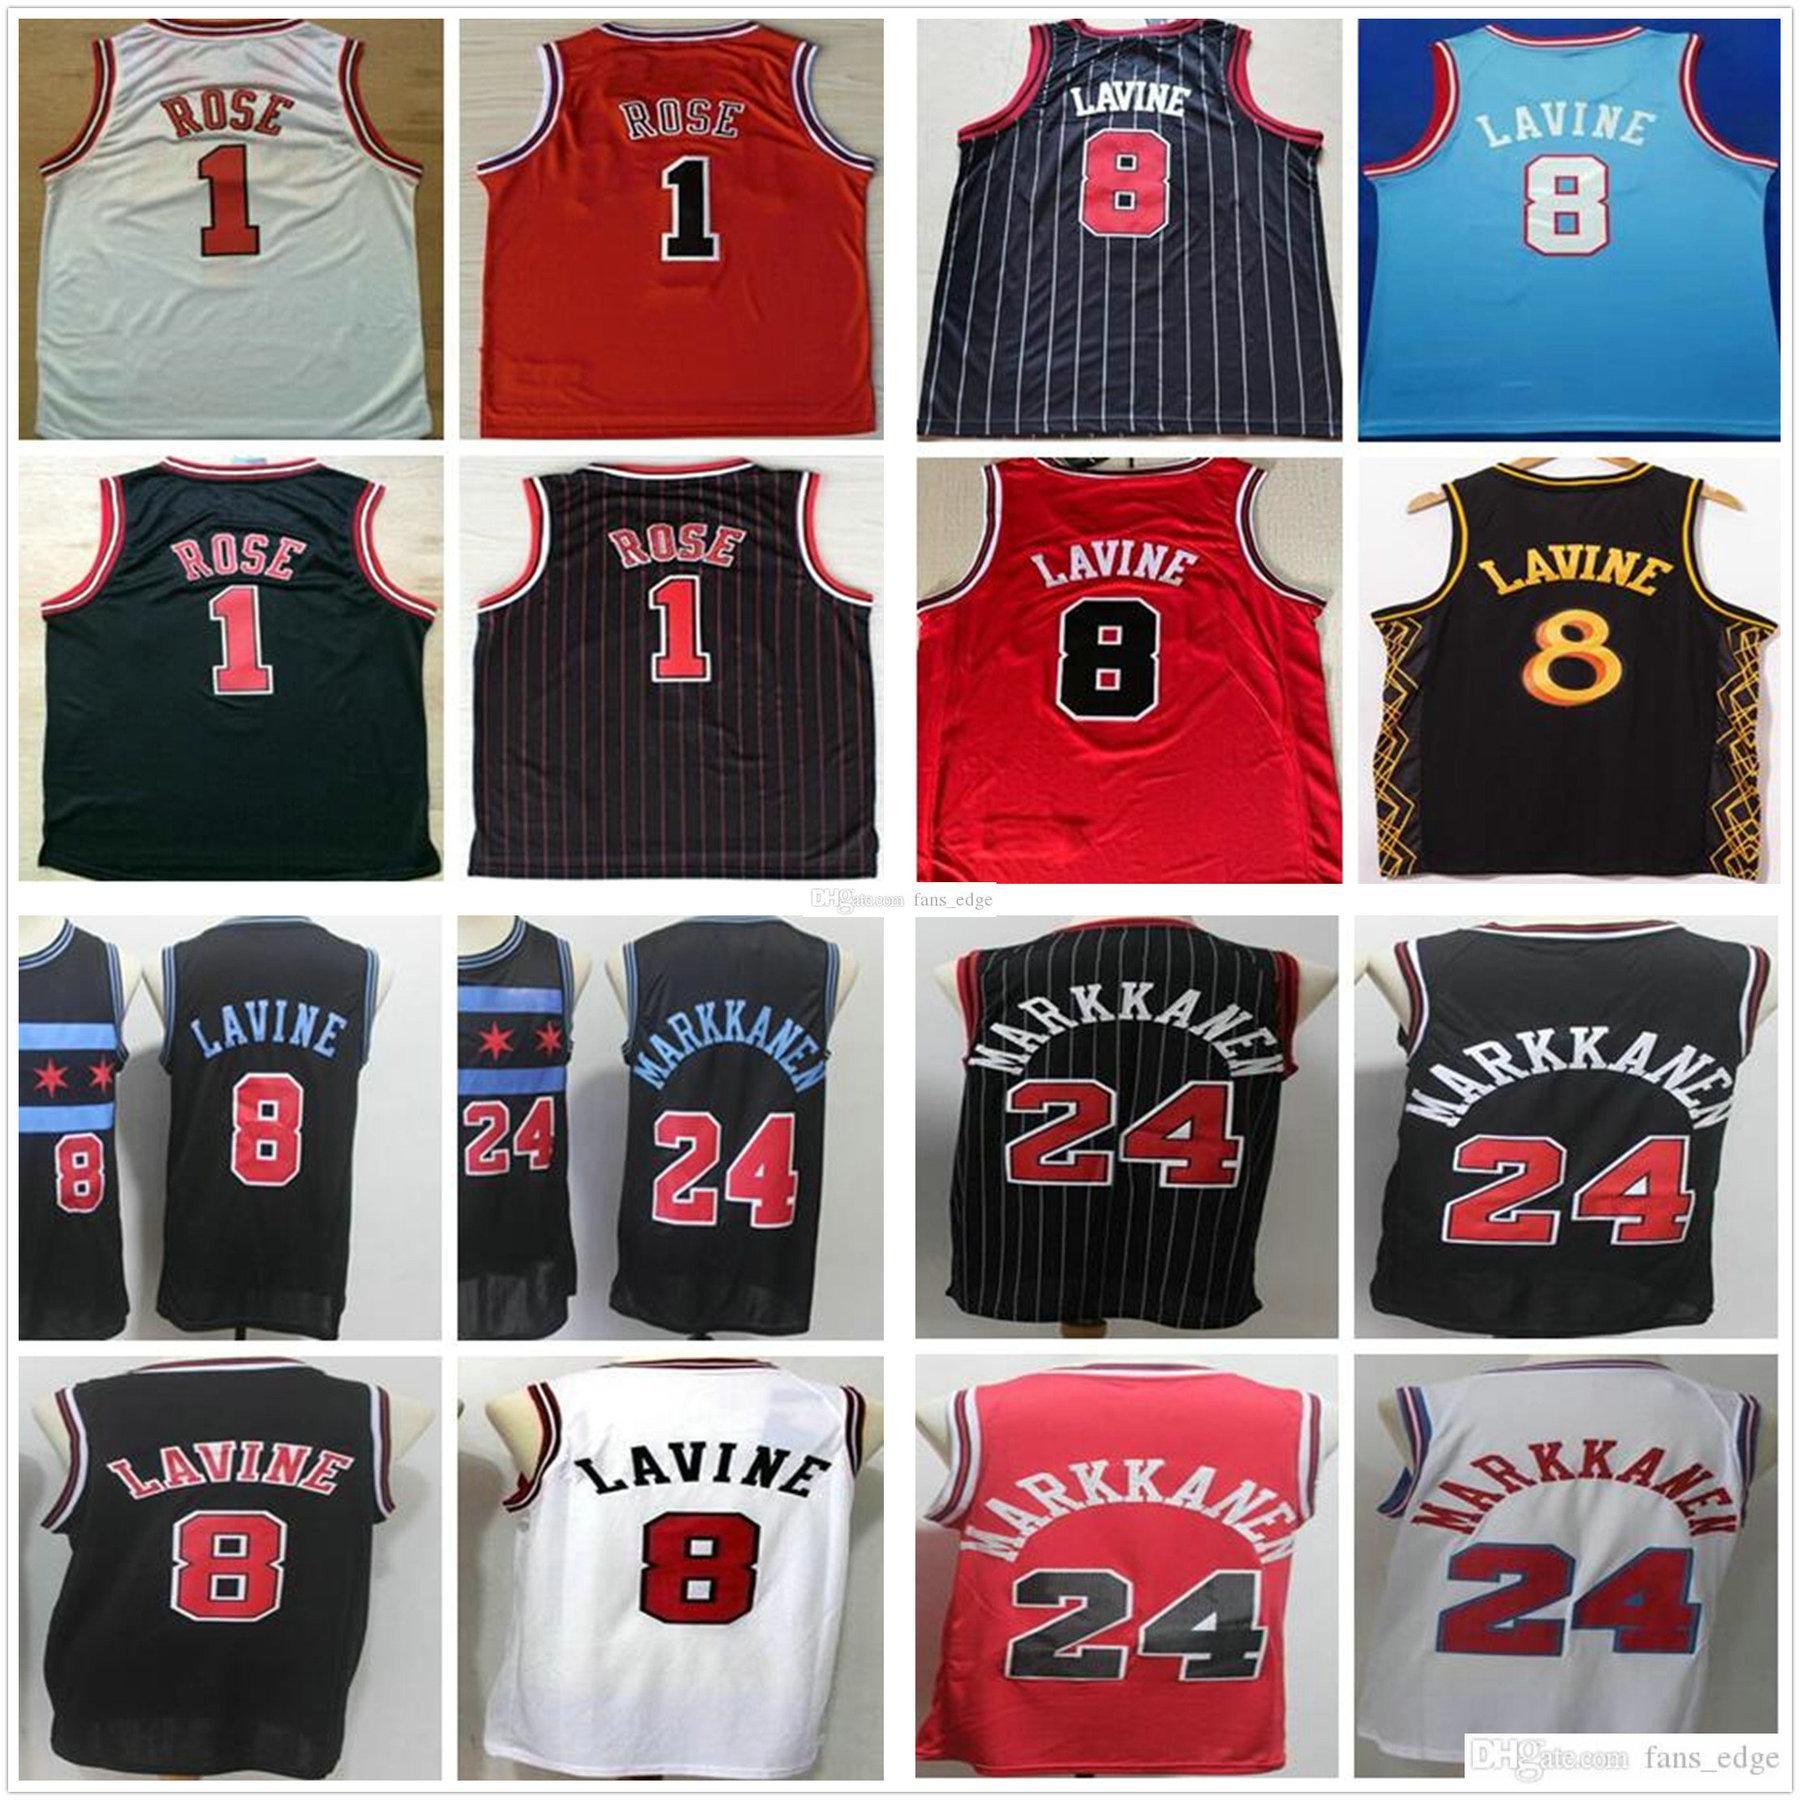 NCAA Koleji Erkek Zach 8 Lavin Formaları Siyah Kırmızı Beyaz Lauri 24 Markkanen Toptan Ucuz Retro Vintage Derrick 1 Gül Basketbol Formaları